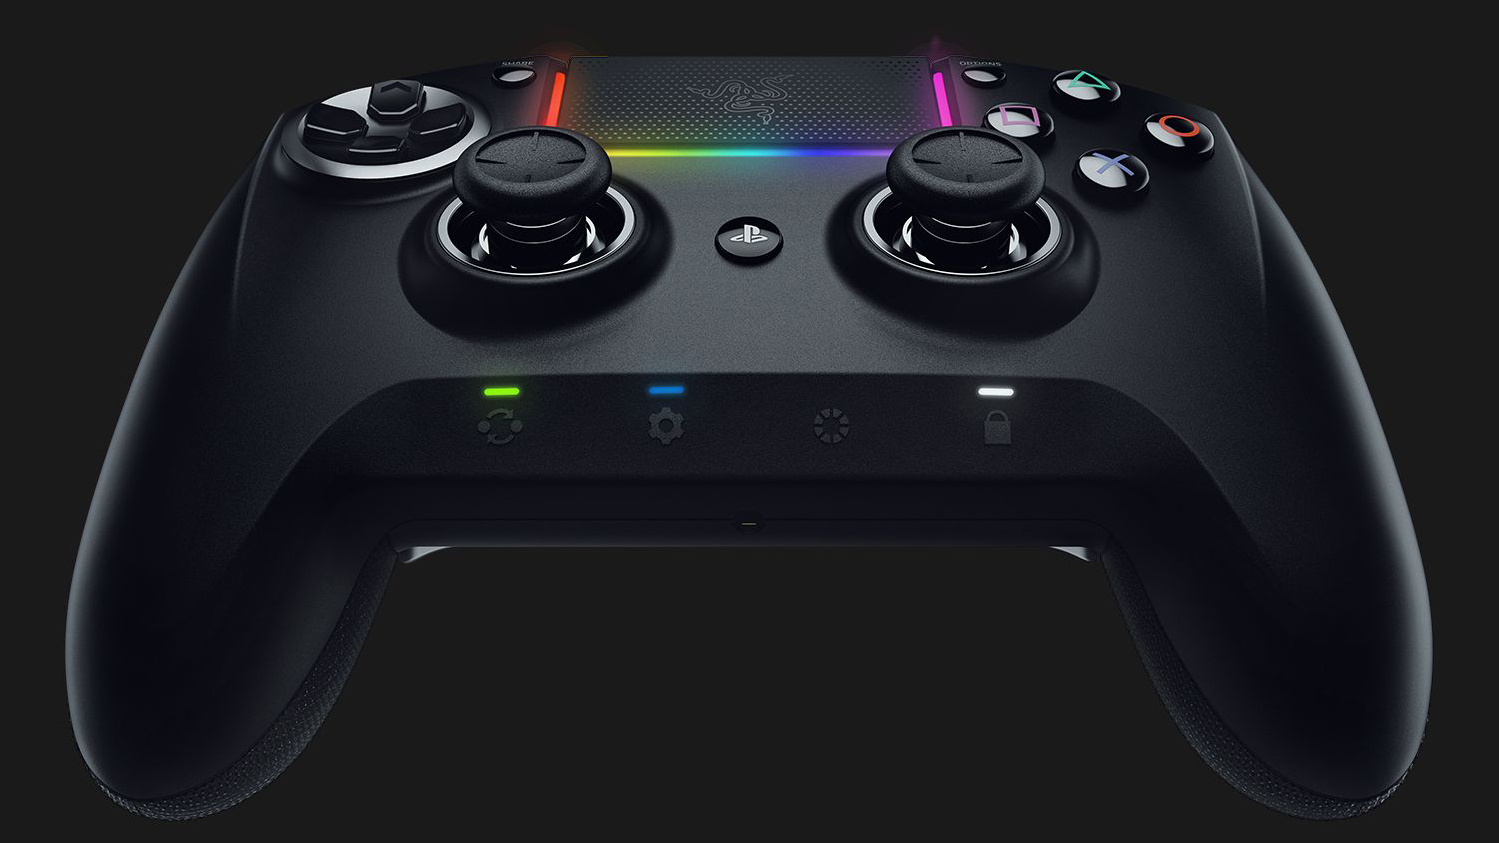 ▷ Los mejores controladores de PS4 2019: las mejores opciones para juegos más inteligentes 3